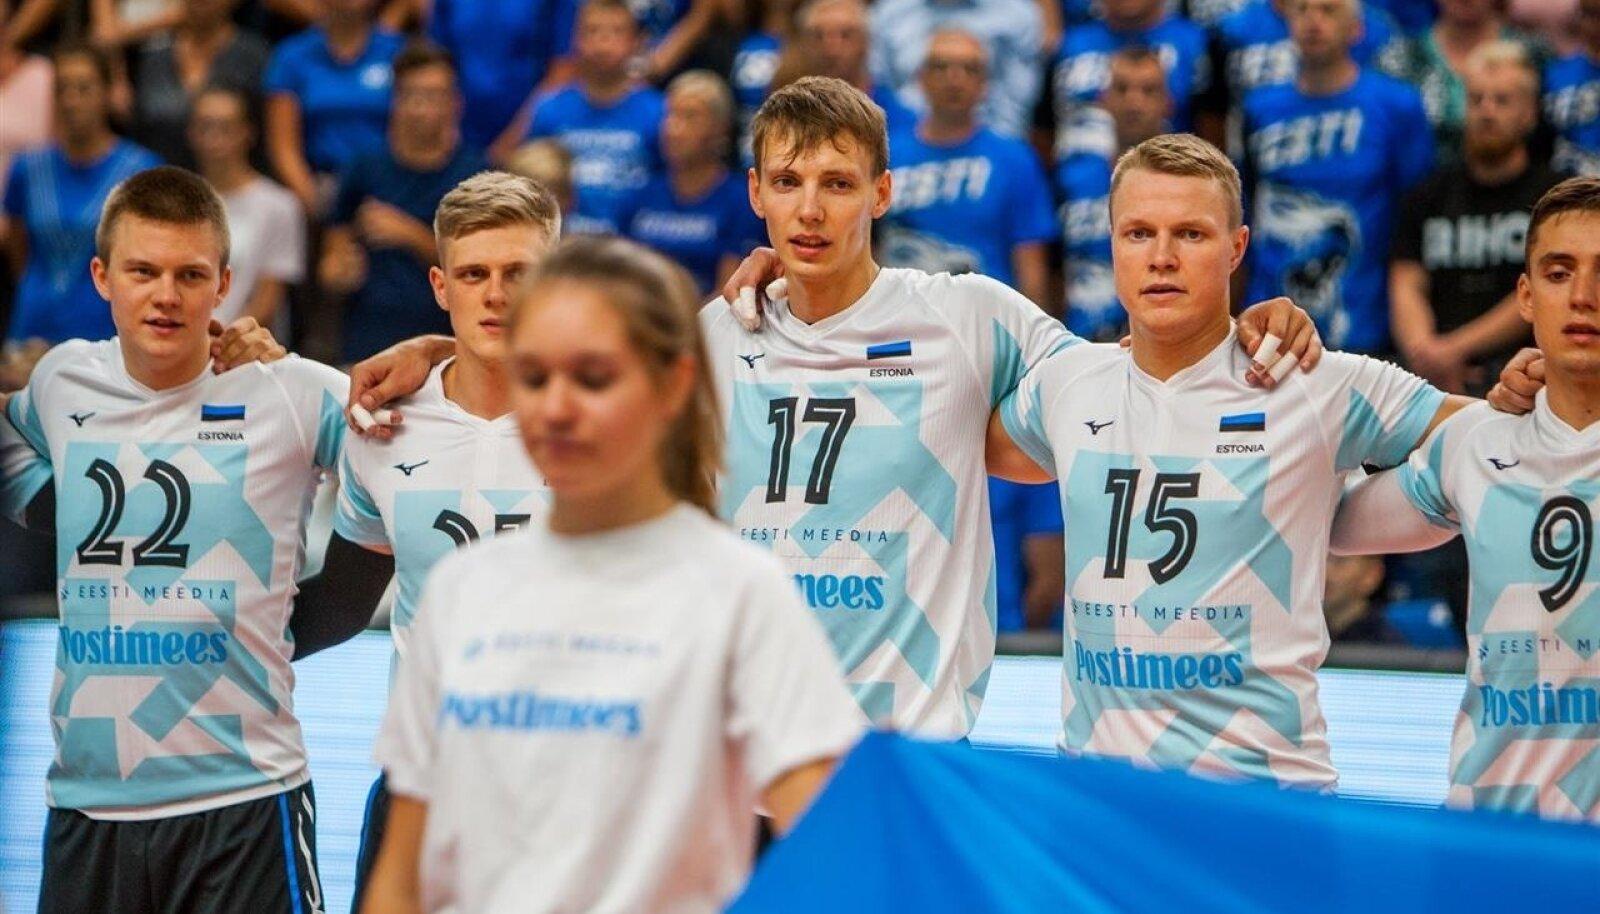 Markkus Keel (nr 22) teiste Eesti koondislaste kõrval